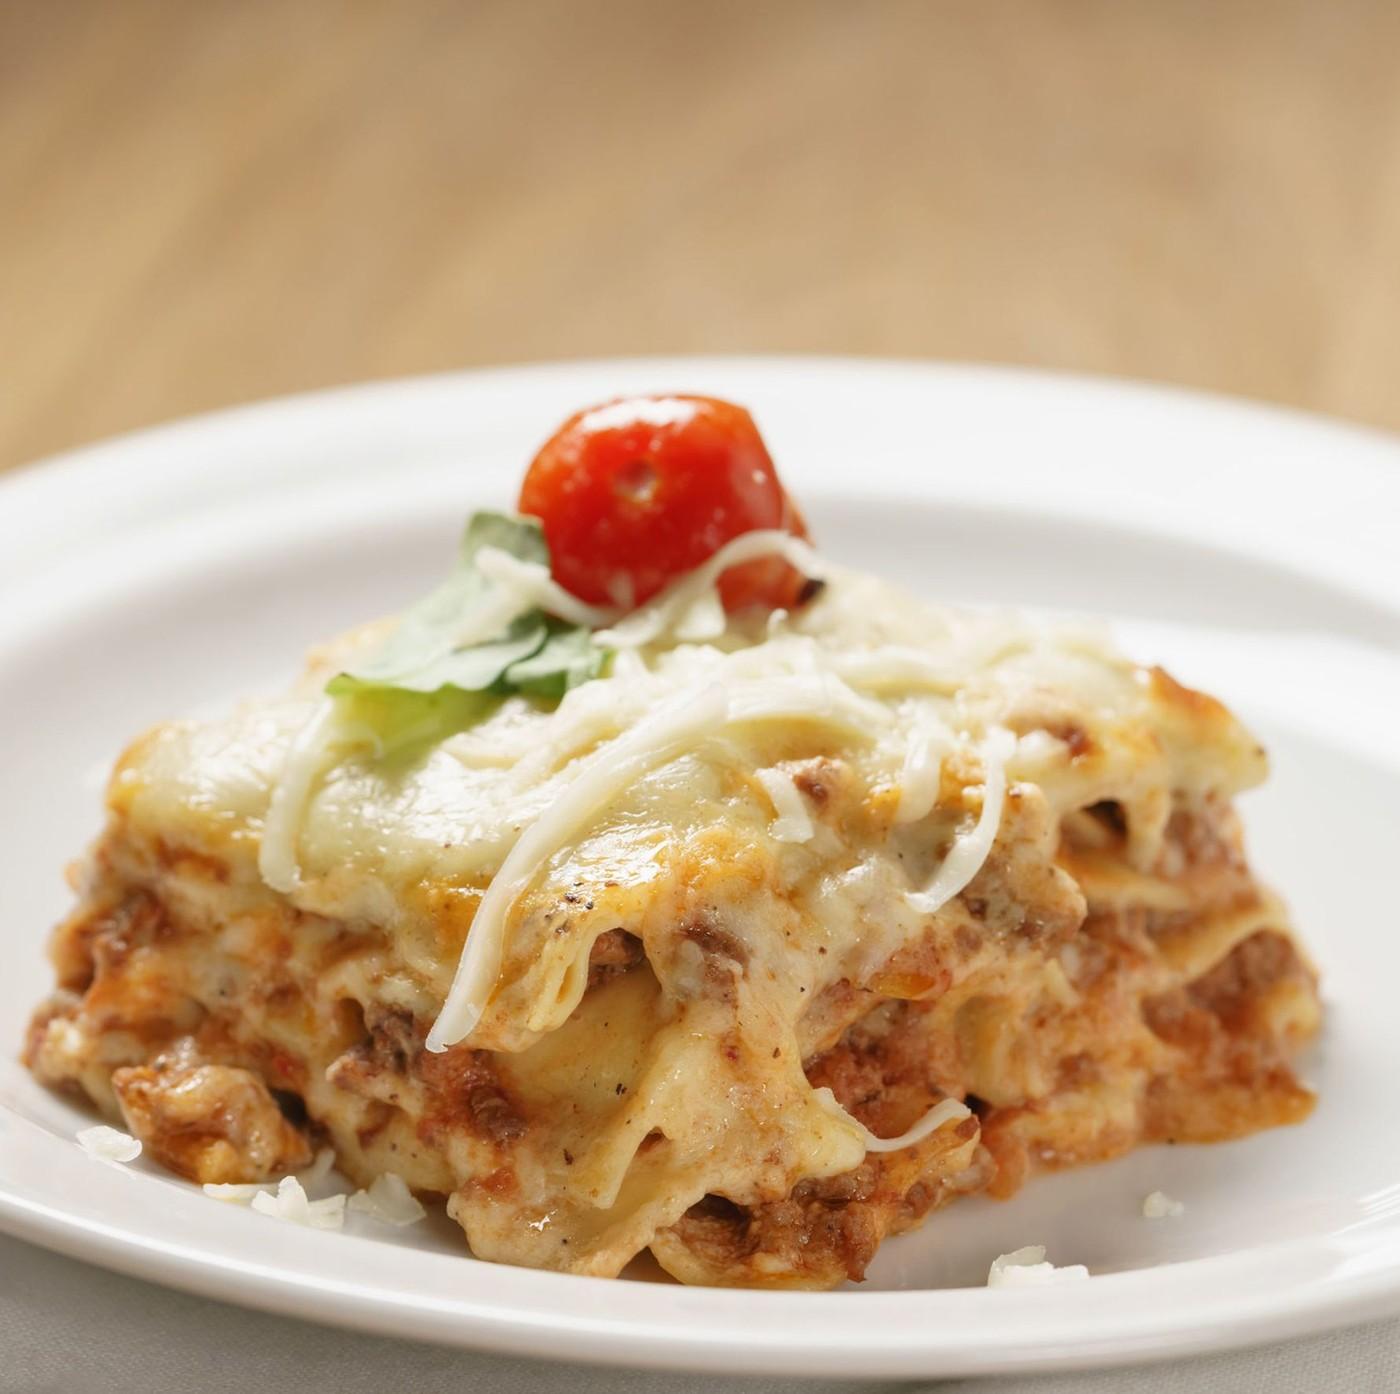 receta de Lasagna Larga Doppia Riccia N.1